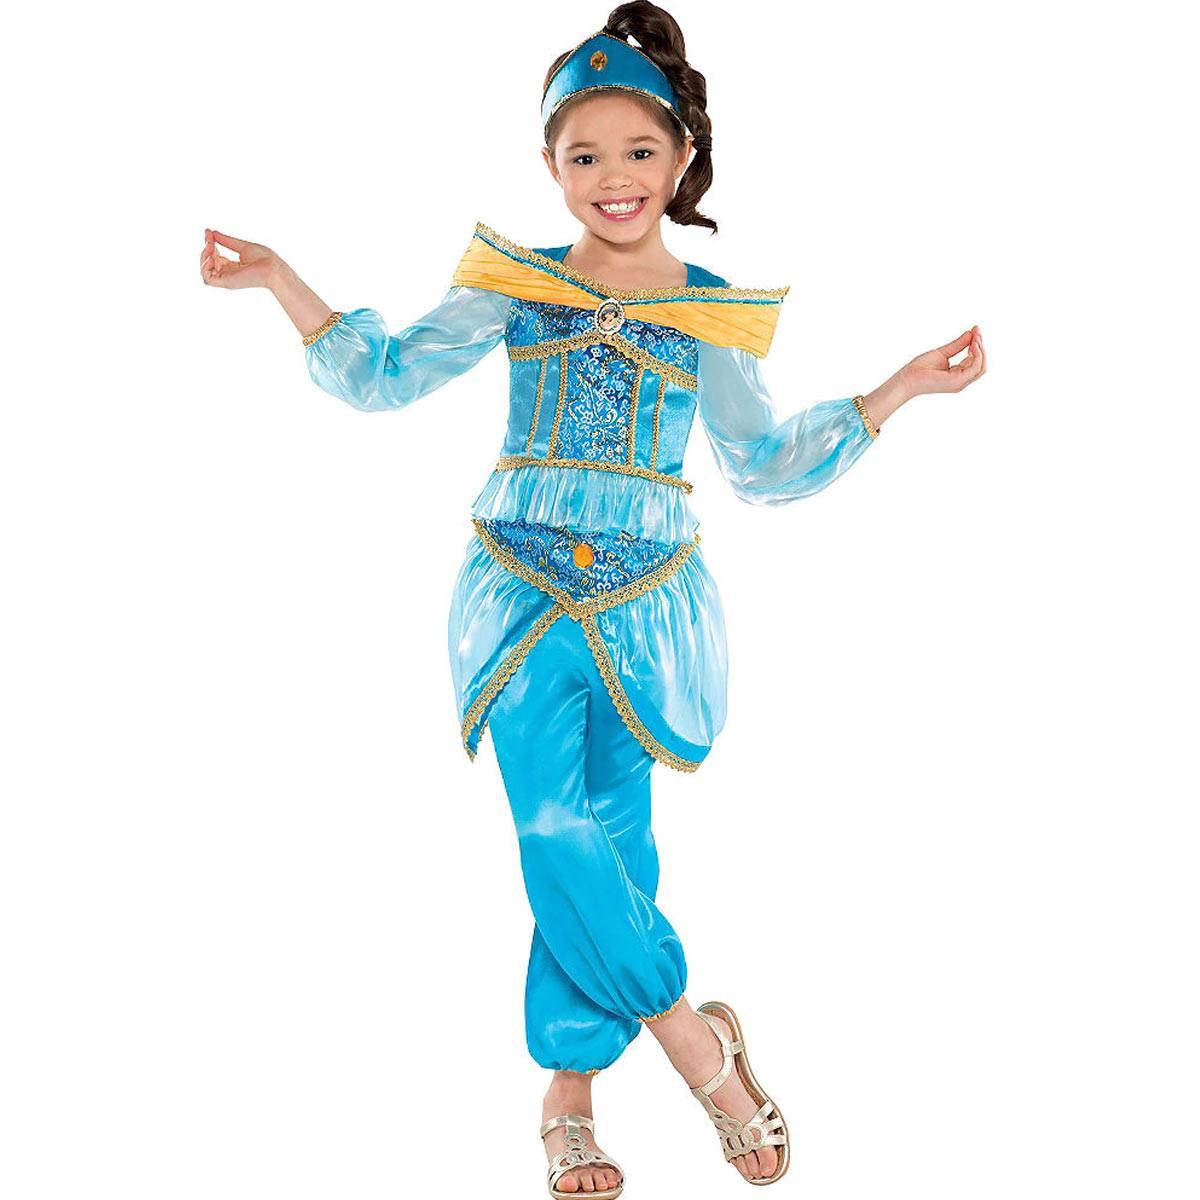 アラジン ジャスミン キッズ用 コスチューム 衣装 ハロウィン ディズニー コスプレ 仮装 Aladdin